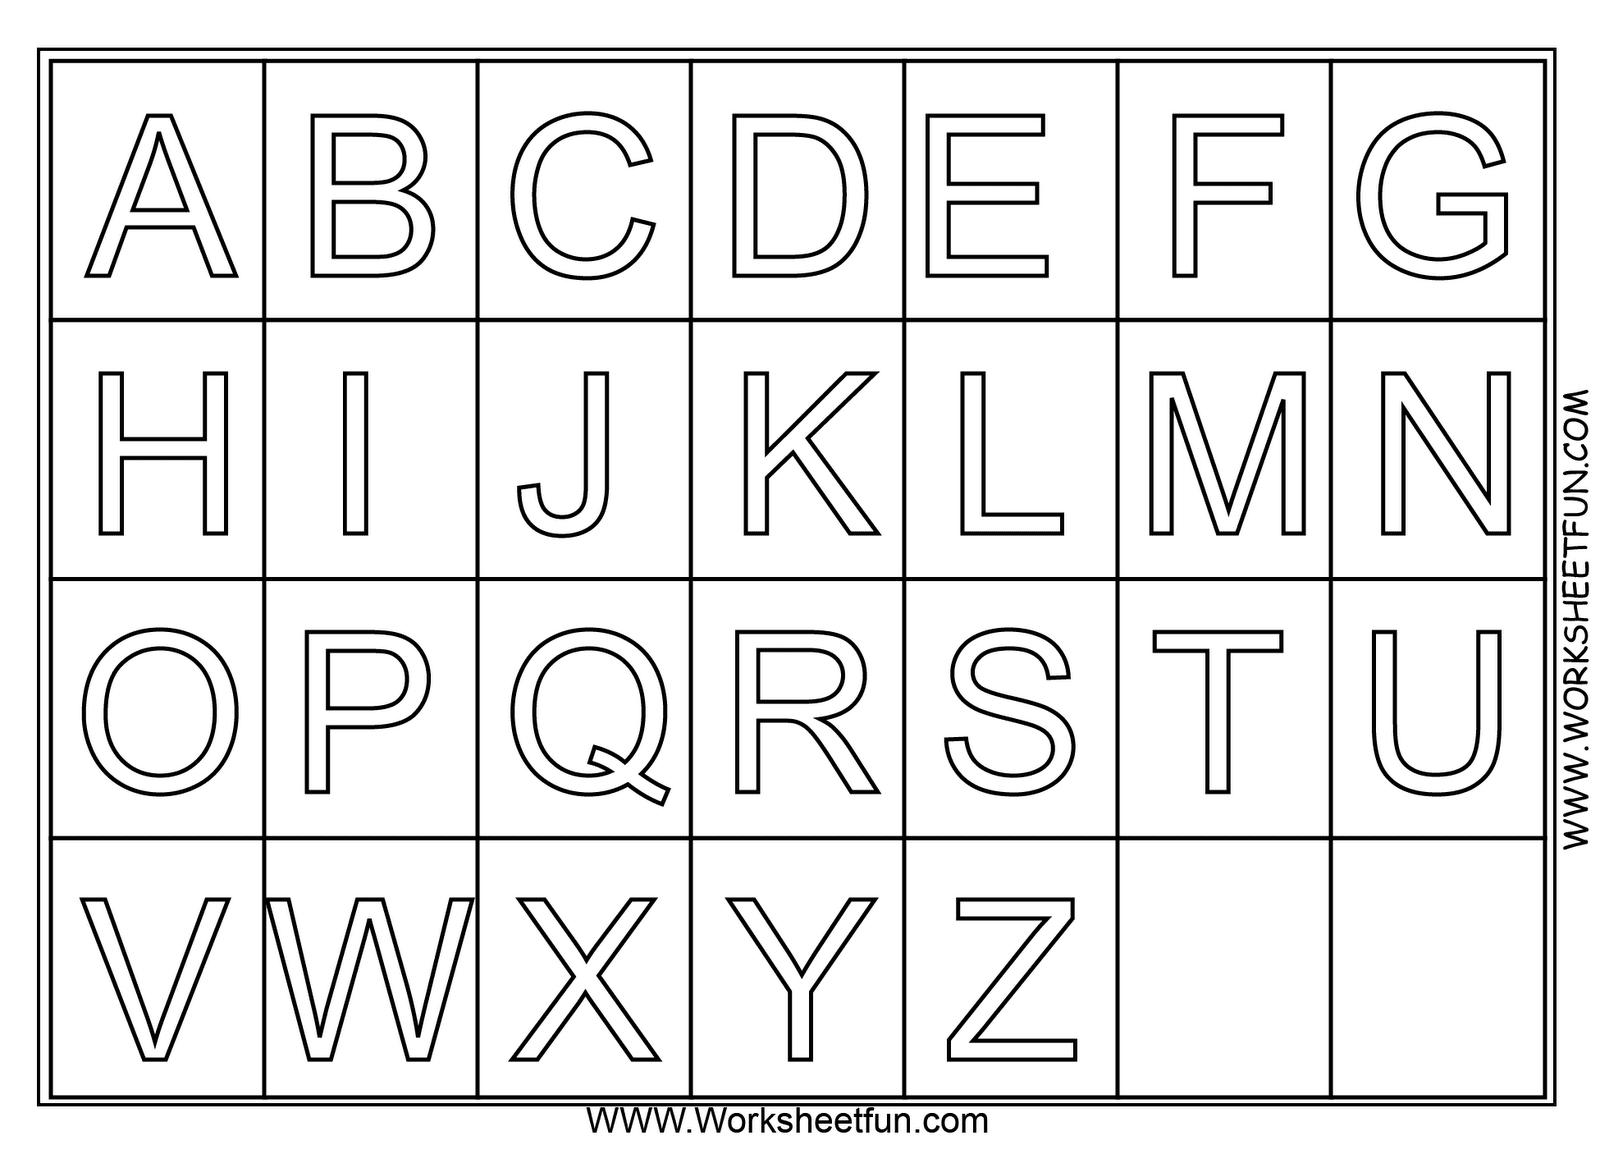 Tranh tô màu cả bảng chữ cái từ a đến z